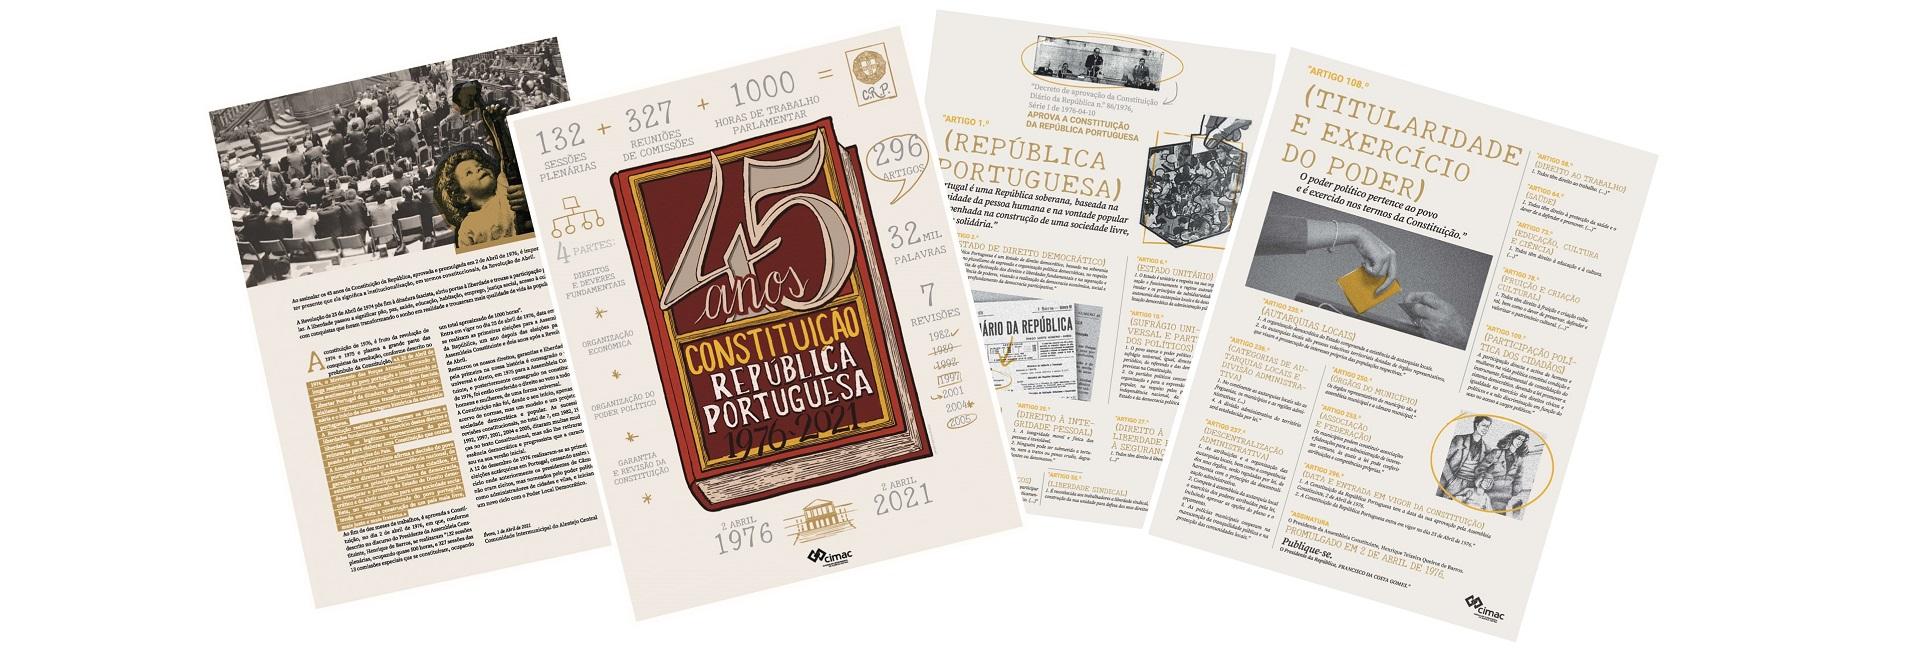 45º Aniversário da Constituição da República Portuguesa